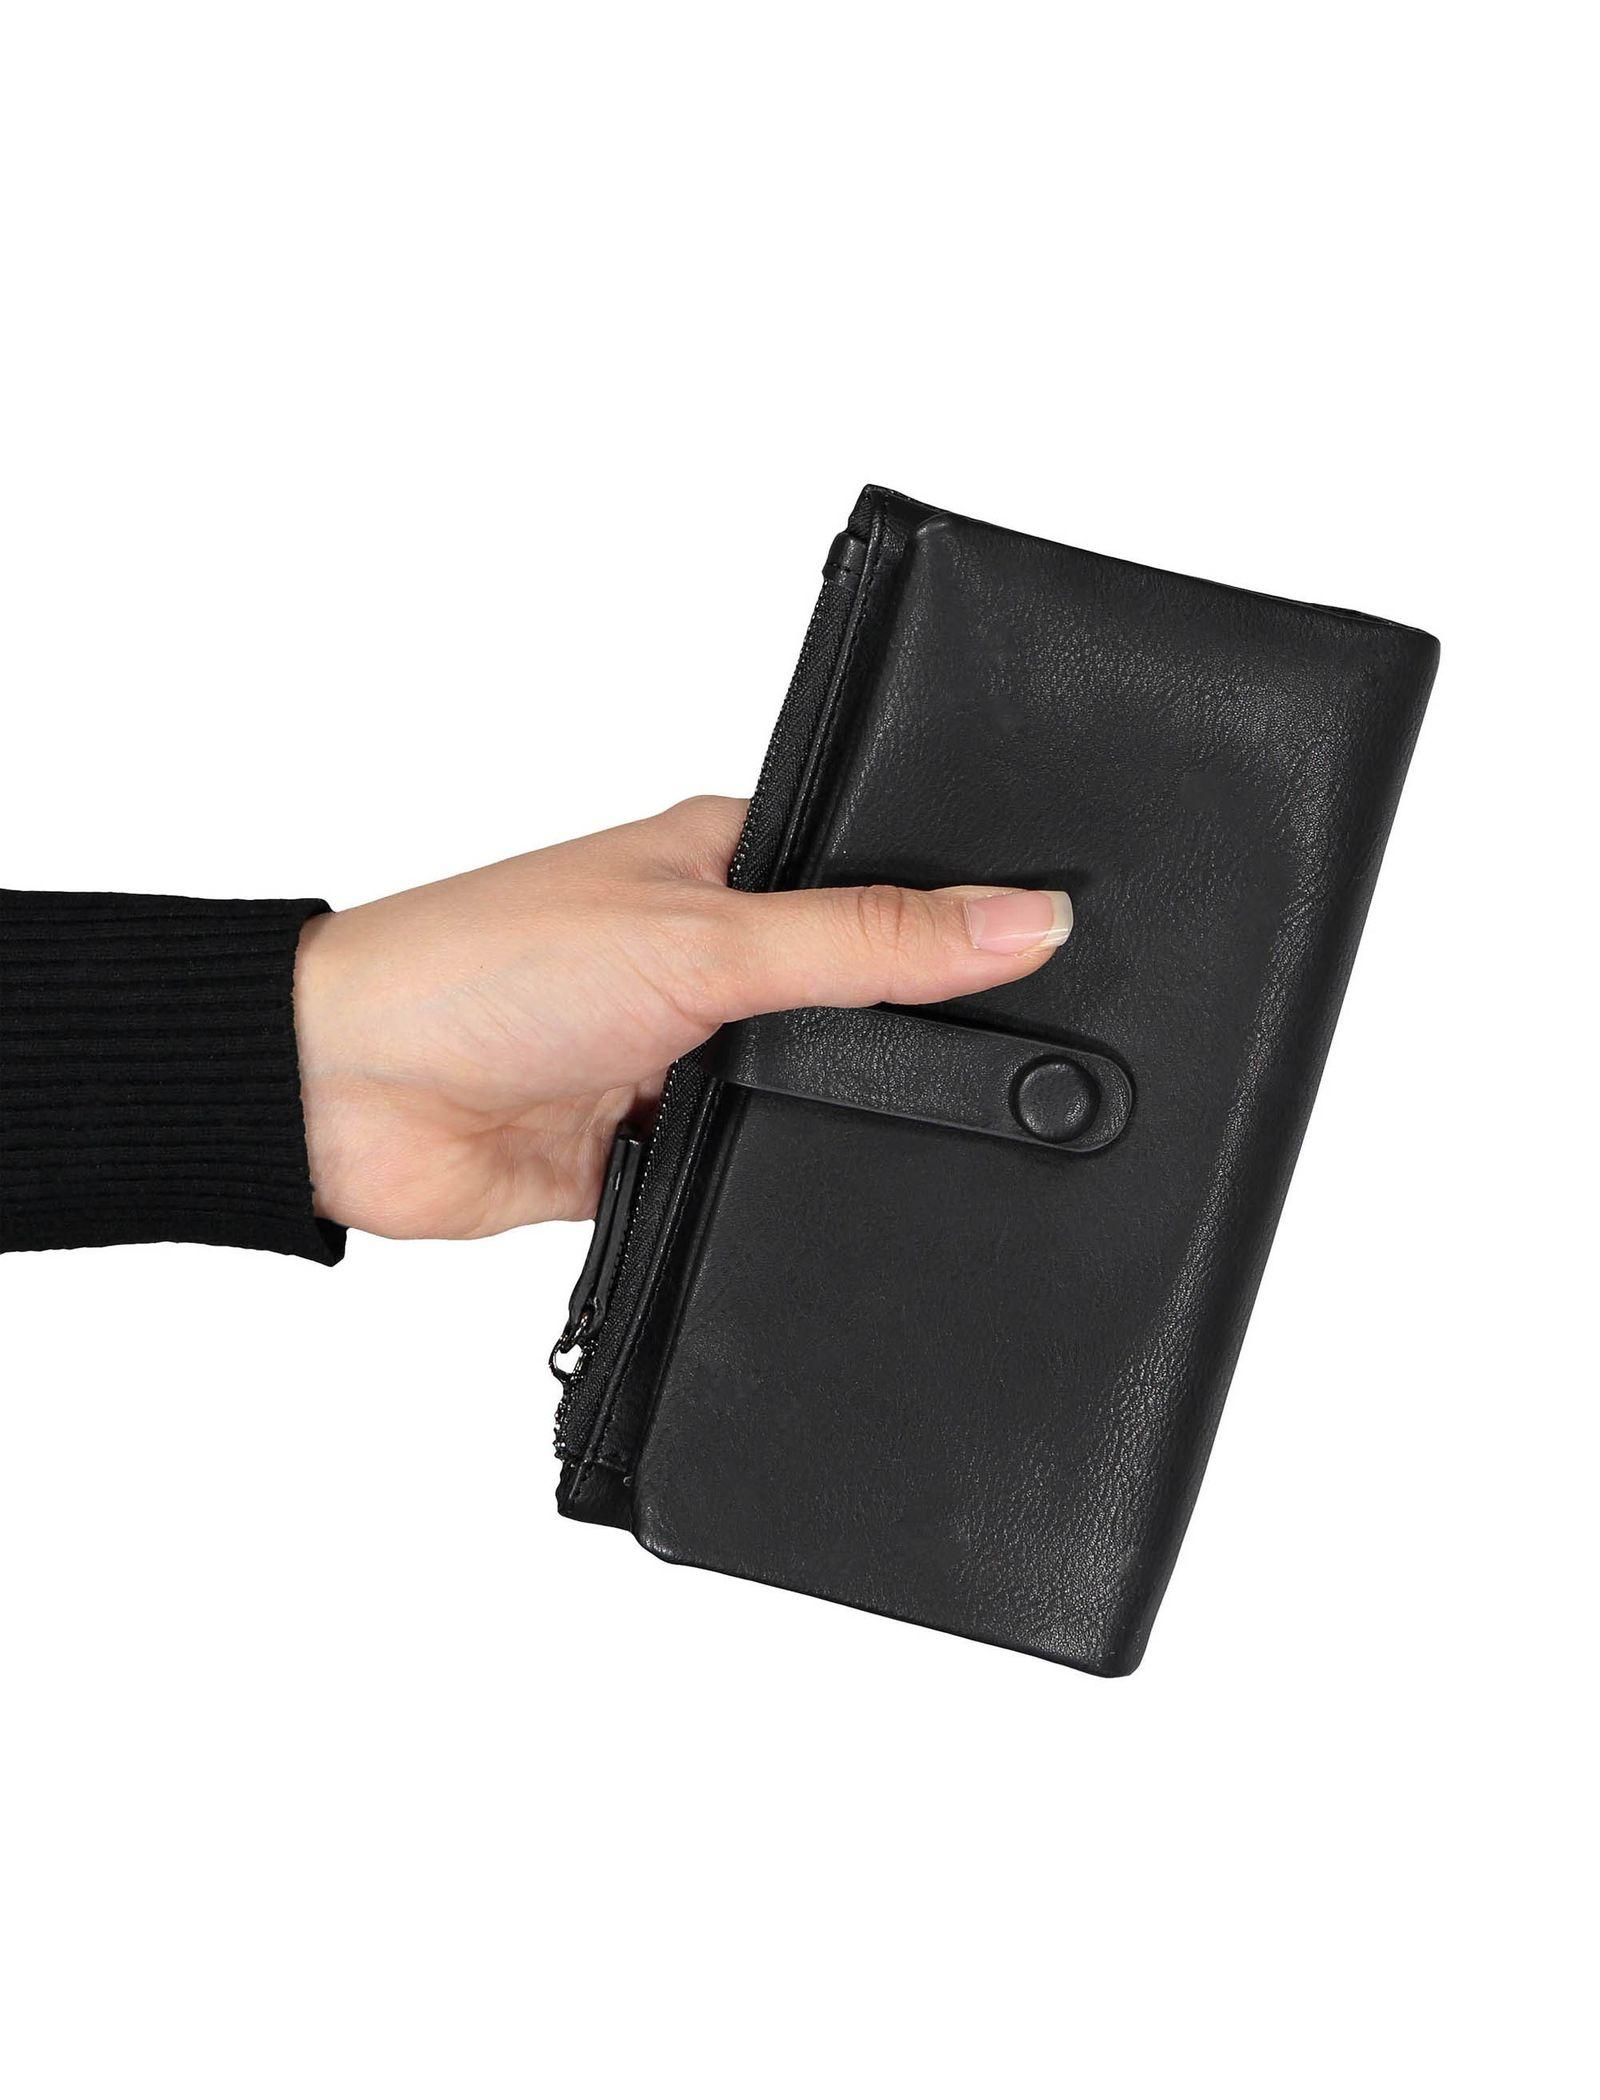 کیف پول دکمه دار زنانه - پونت روما - مشکي - 6